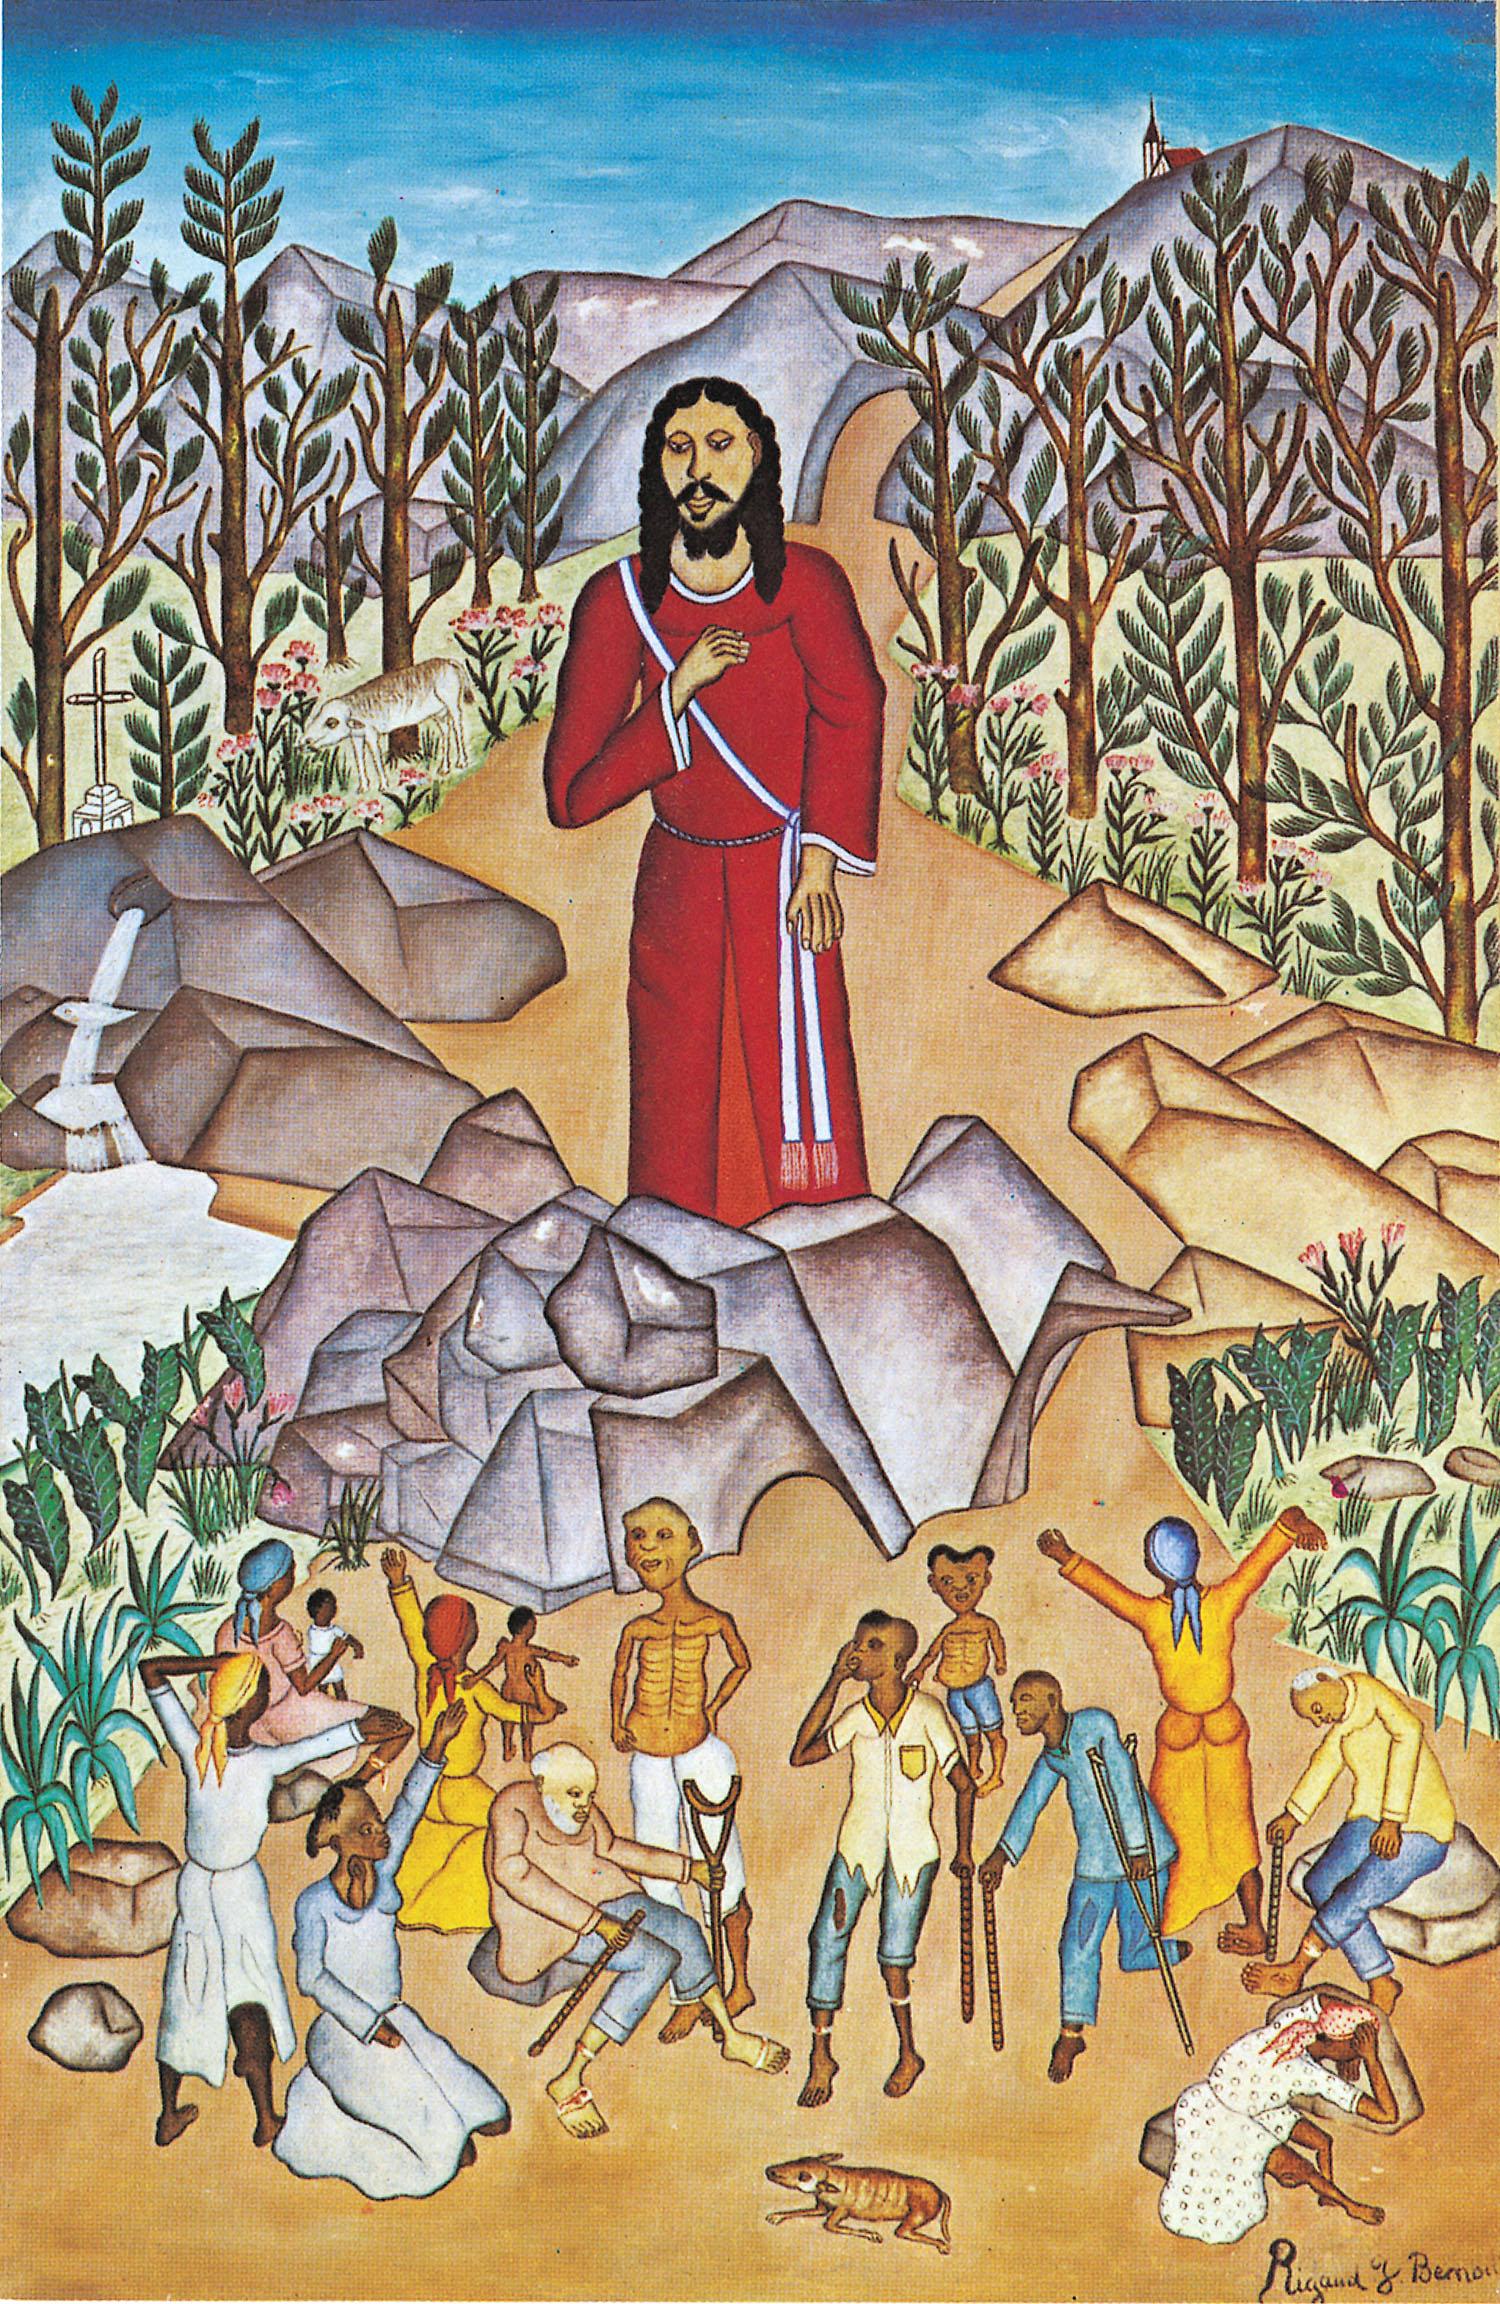 Peintre Contemporain Célèbre Vivant la peinture naïve haïtienne d'inspiration chrétienne